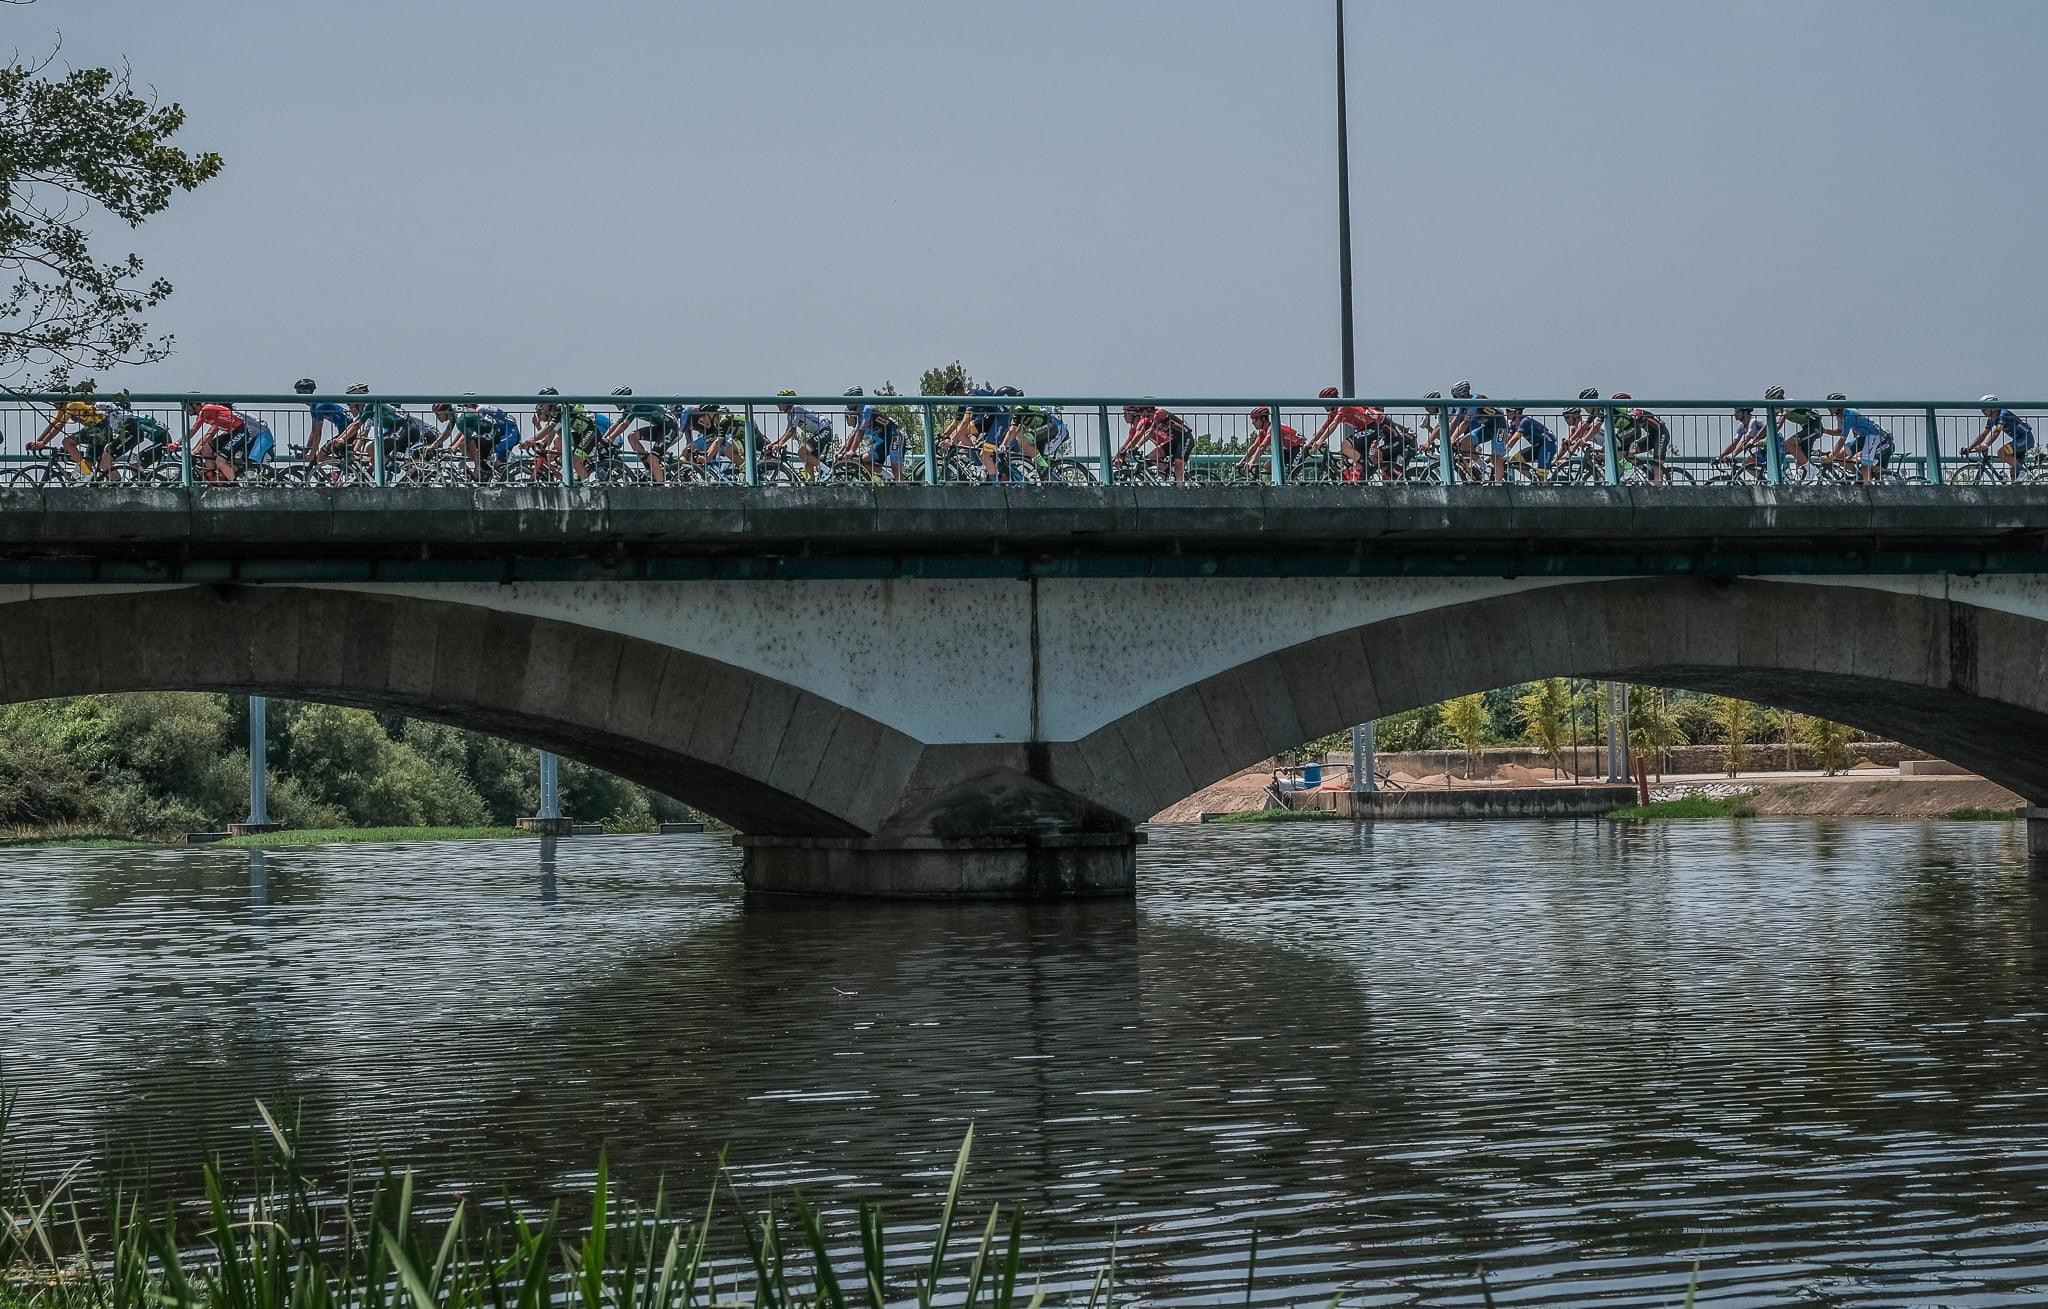 Apresentada a 82ª edição da Volta a Portugal em Bicicleta